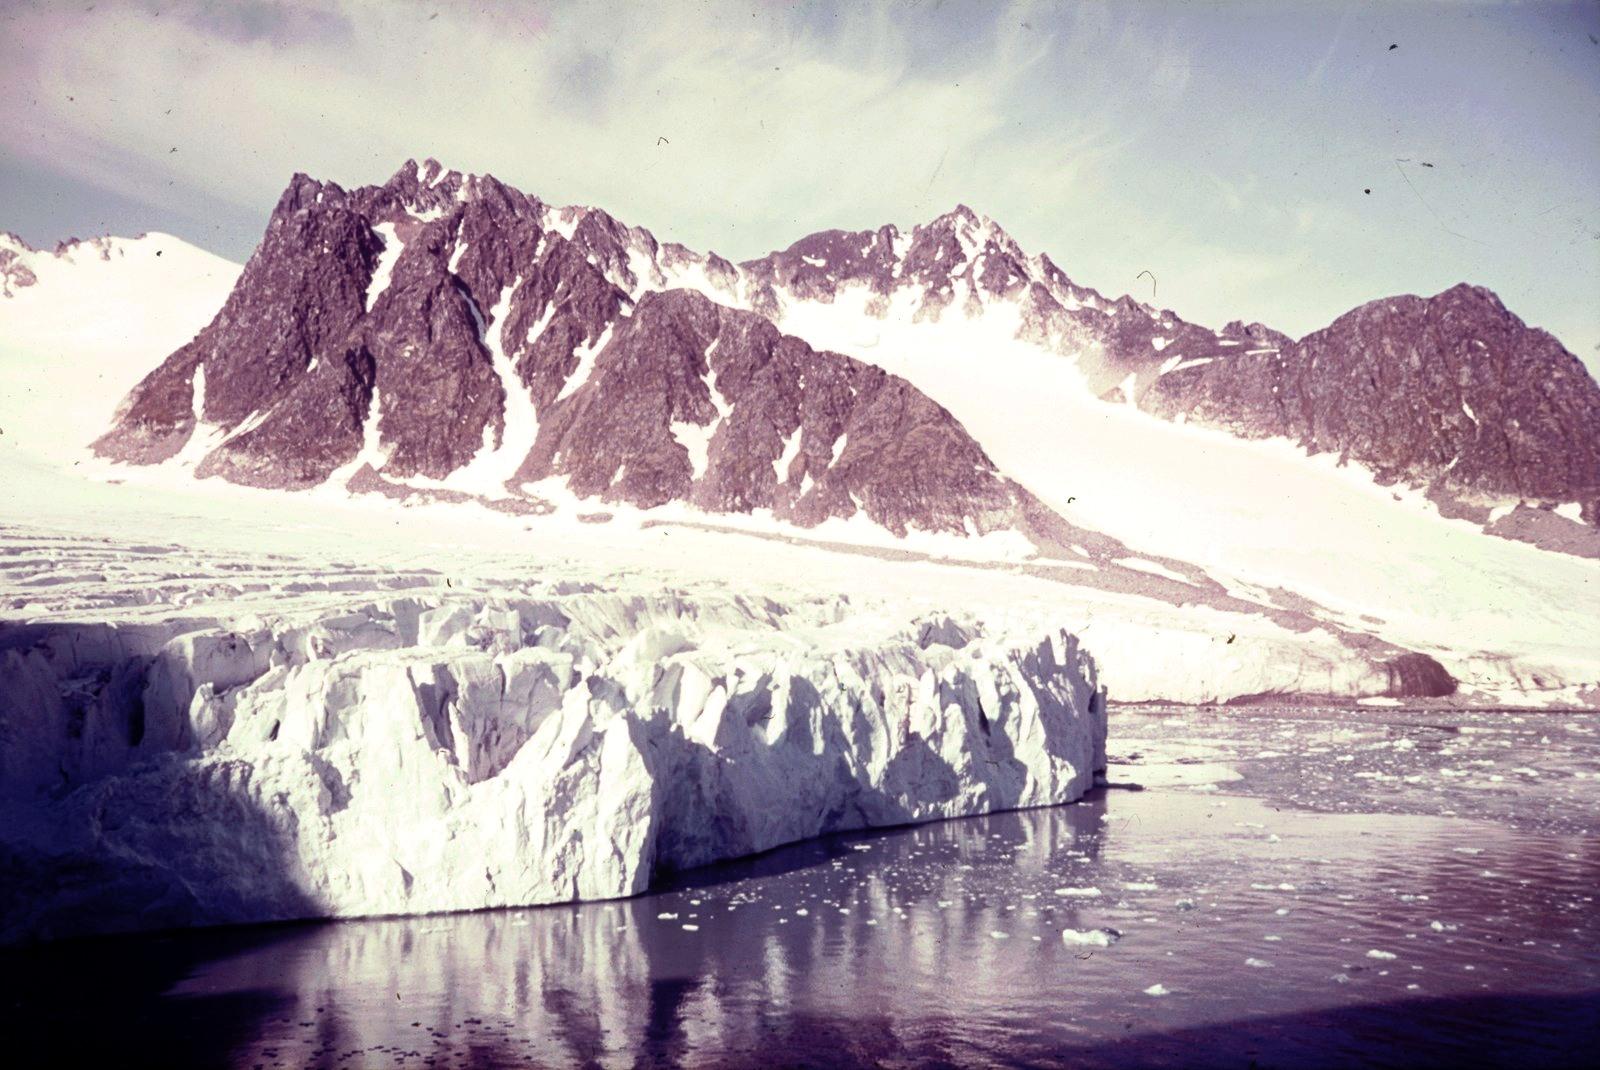 Шпицберген. Бухта Магдалена. Ледник